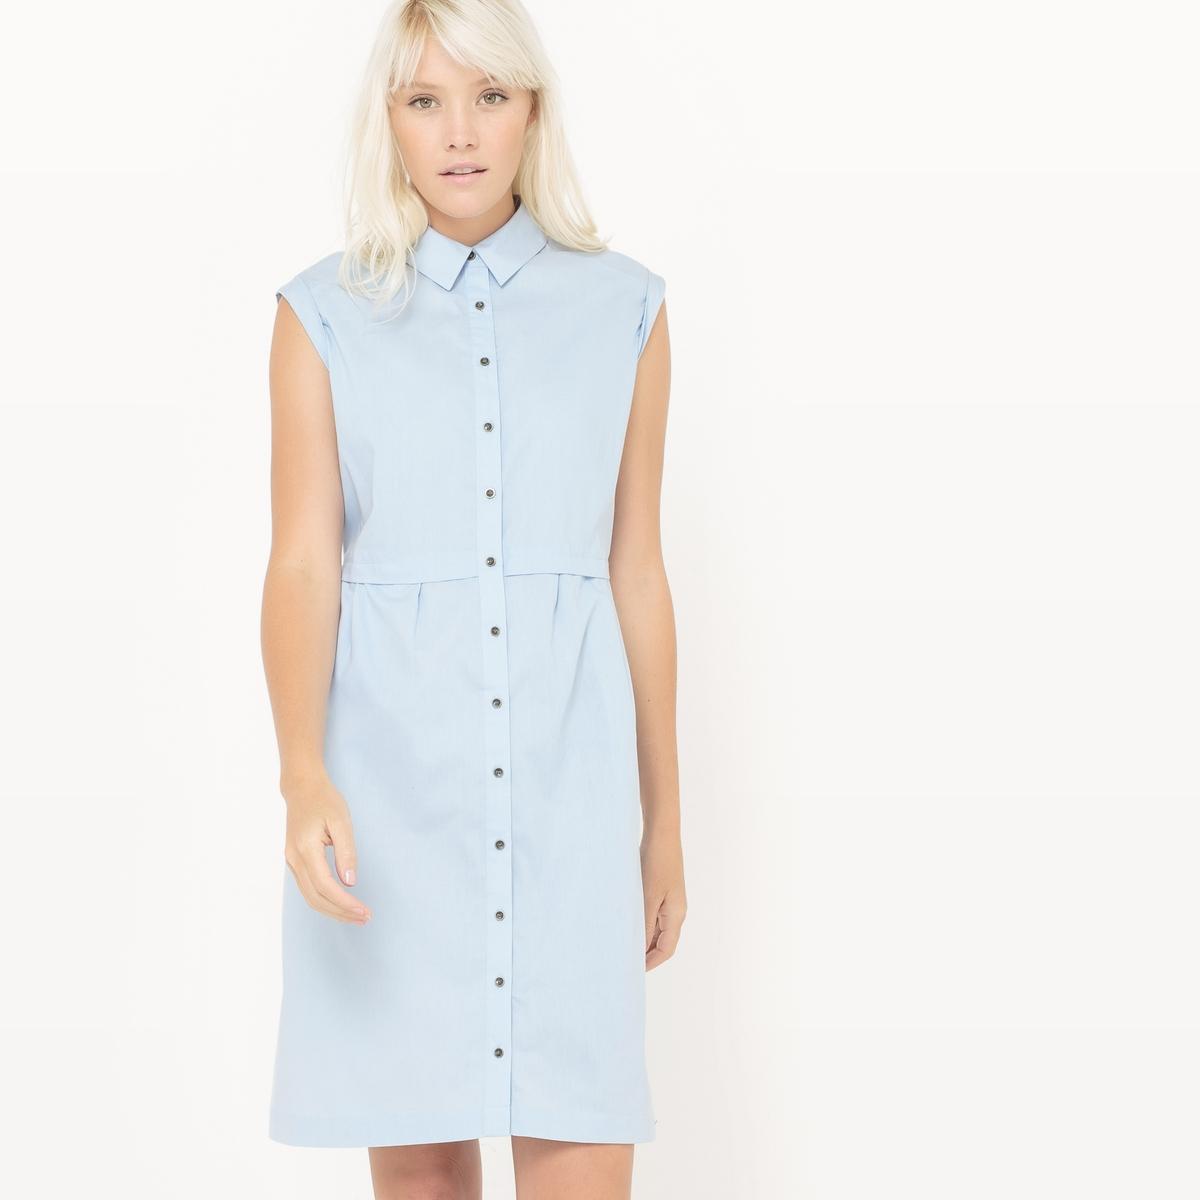 Платье-рубашка без рукавовМатериал : 100% хлопок       Длина рукава : без рукавов       Форма воротника : воротник-поло, рубашечный.      Покрой платья : платье прямого покроя   Рисунок : Однотонная модель        Длина платья : до колен      Стирка : Стирать при температуре 30°.      Уход : Сухая чистка и отбеливание запрещены      Машинная сушка : Машинная сушка запрещена      Глажка : Гладить при низкой температуре.<br><br>Цвет: небесно-голубой,темно-синий<br>Размер: 46 (FR) - 52 (RUS).38 (FR) - 44 (RUS).36 (FR) - 42 (RUS).48 (FR) - 54 (RUS).38 (FR) - 44 (RUS)